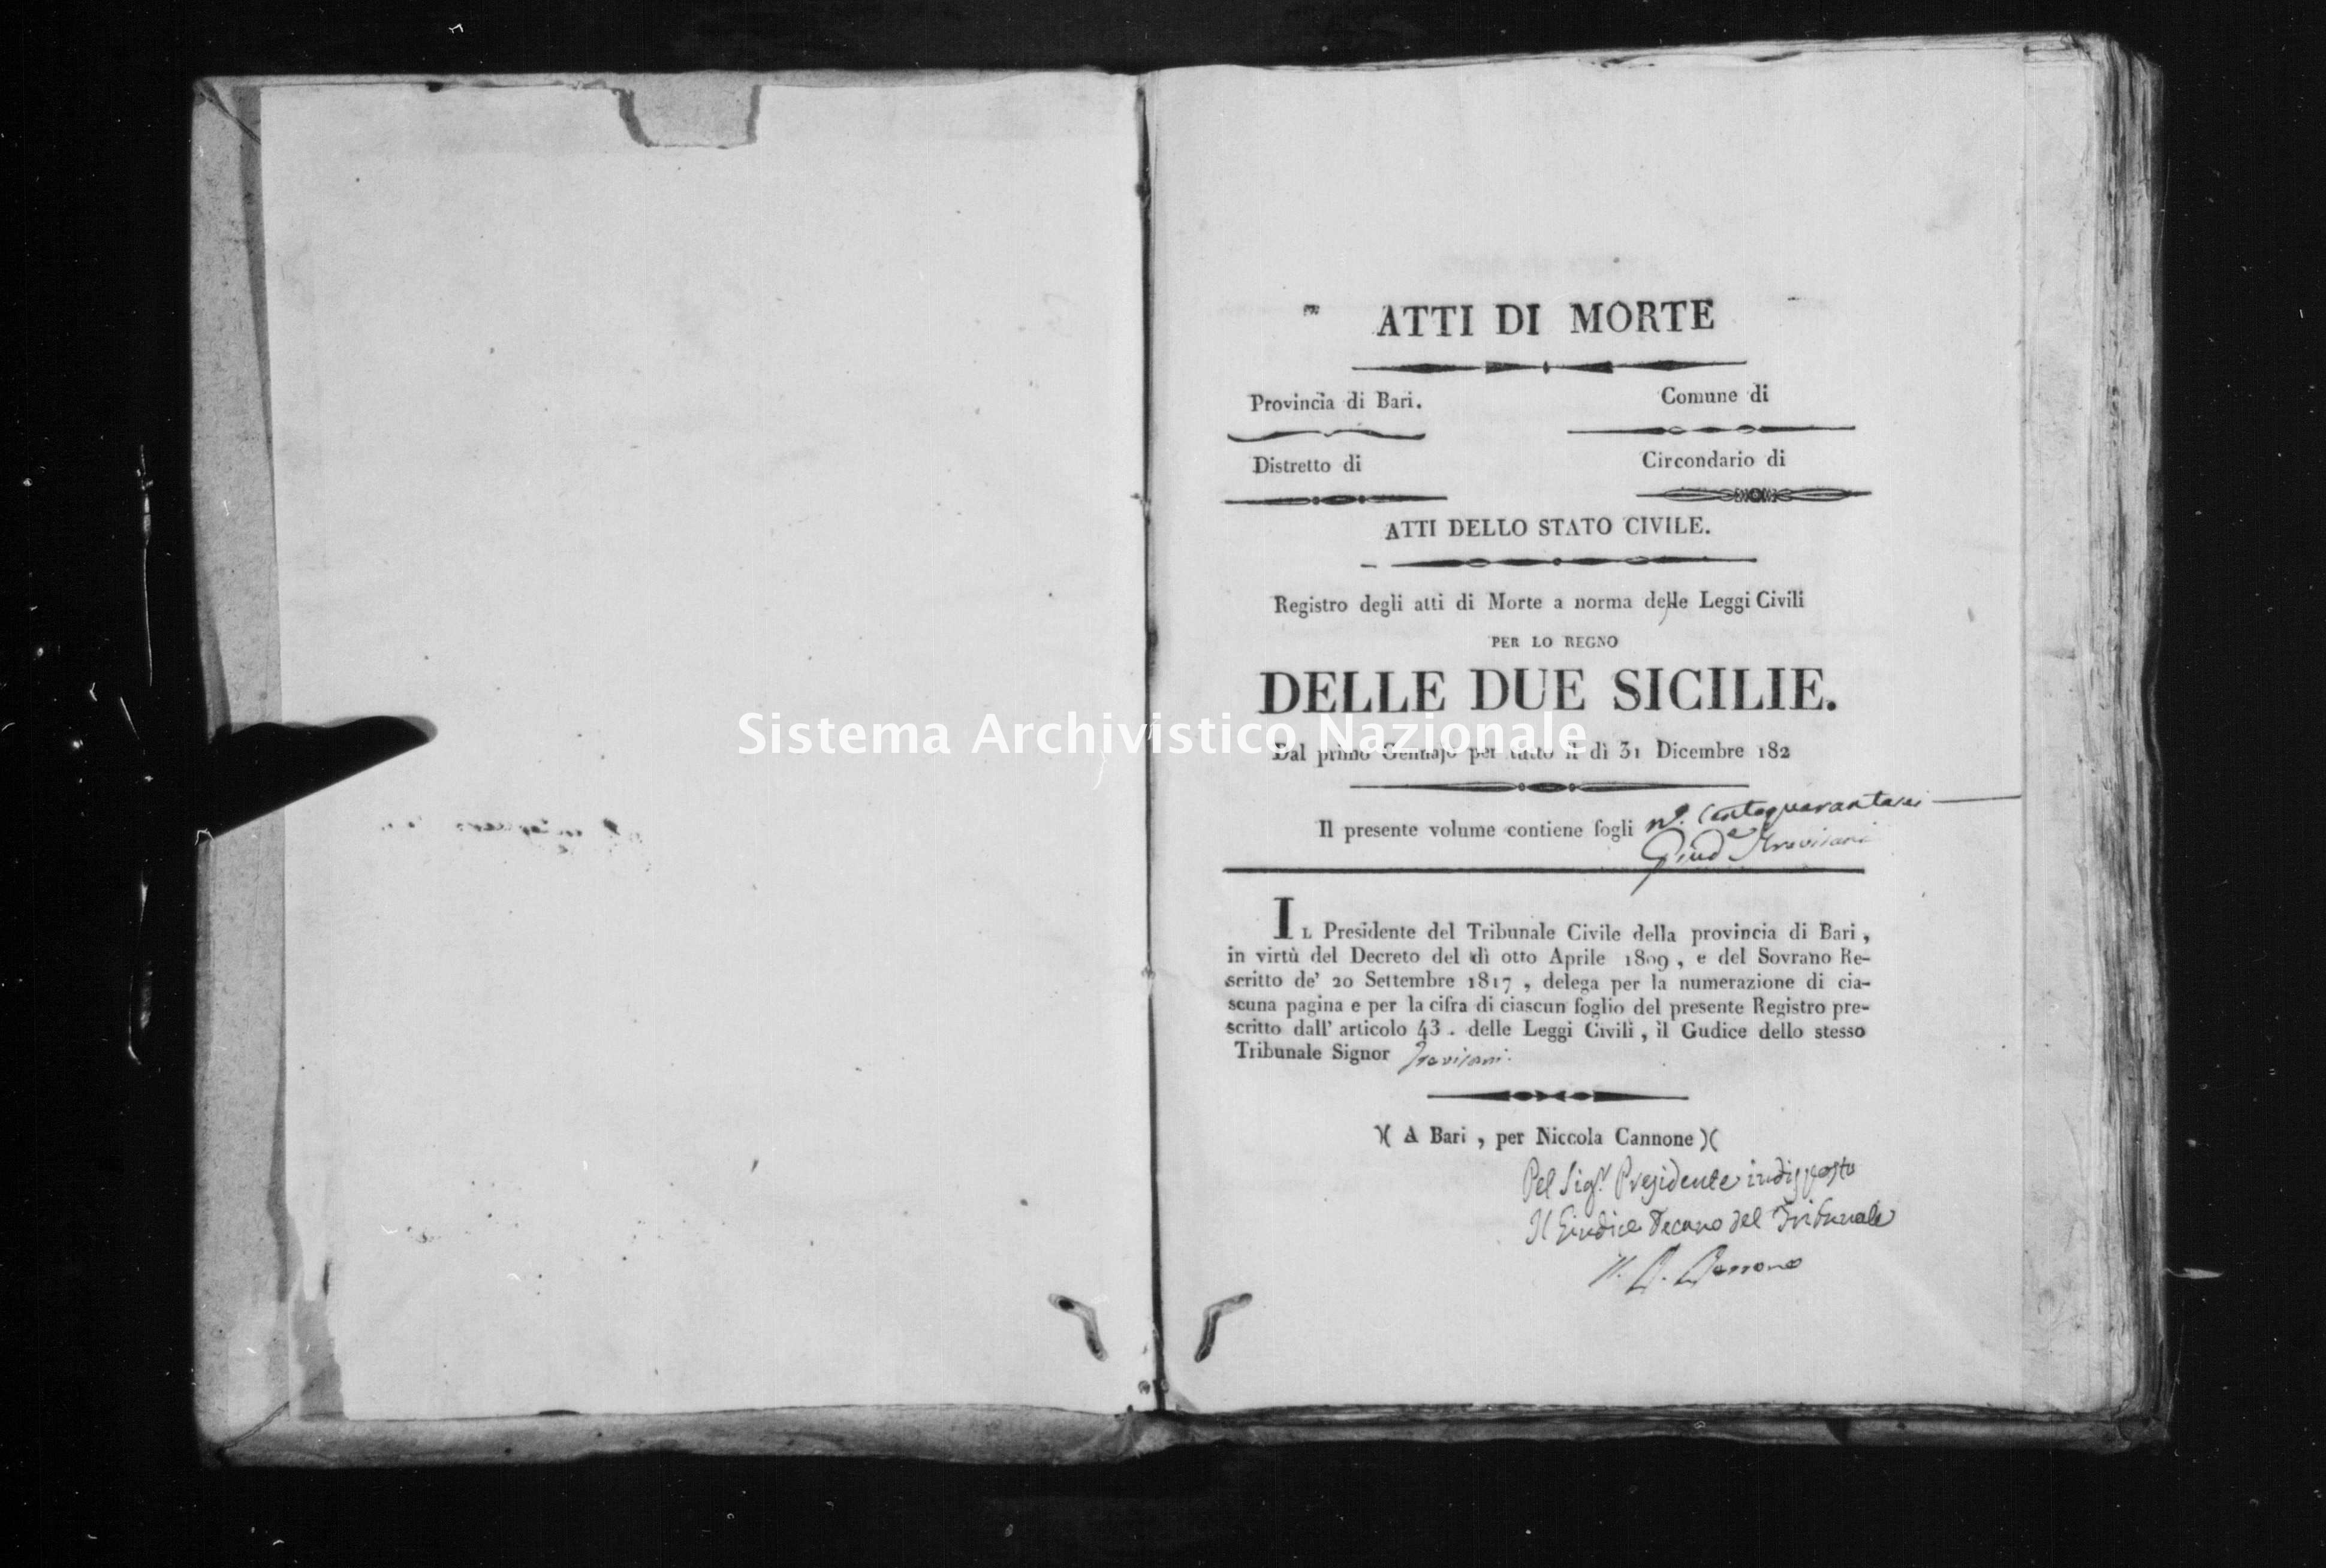 Archivio di stato di Bari - Stato civile della restaurazione - Cisternino - Morti - 1823 -